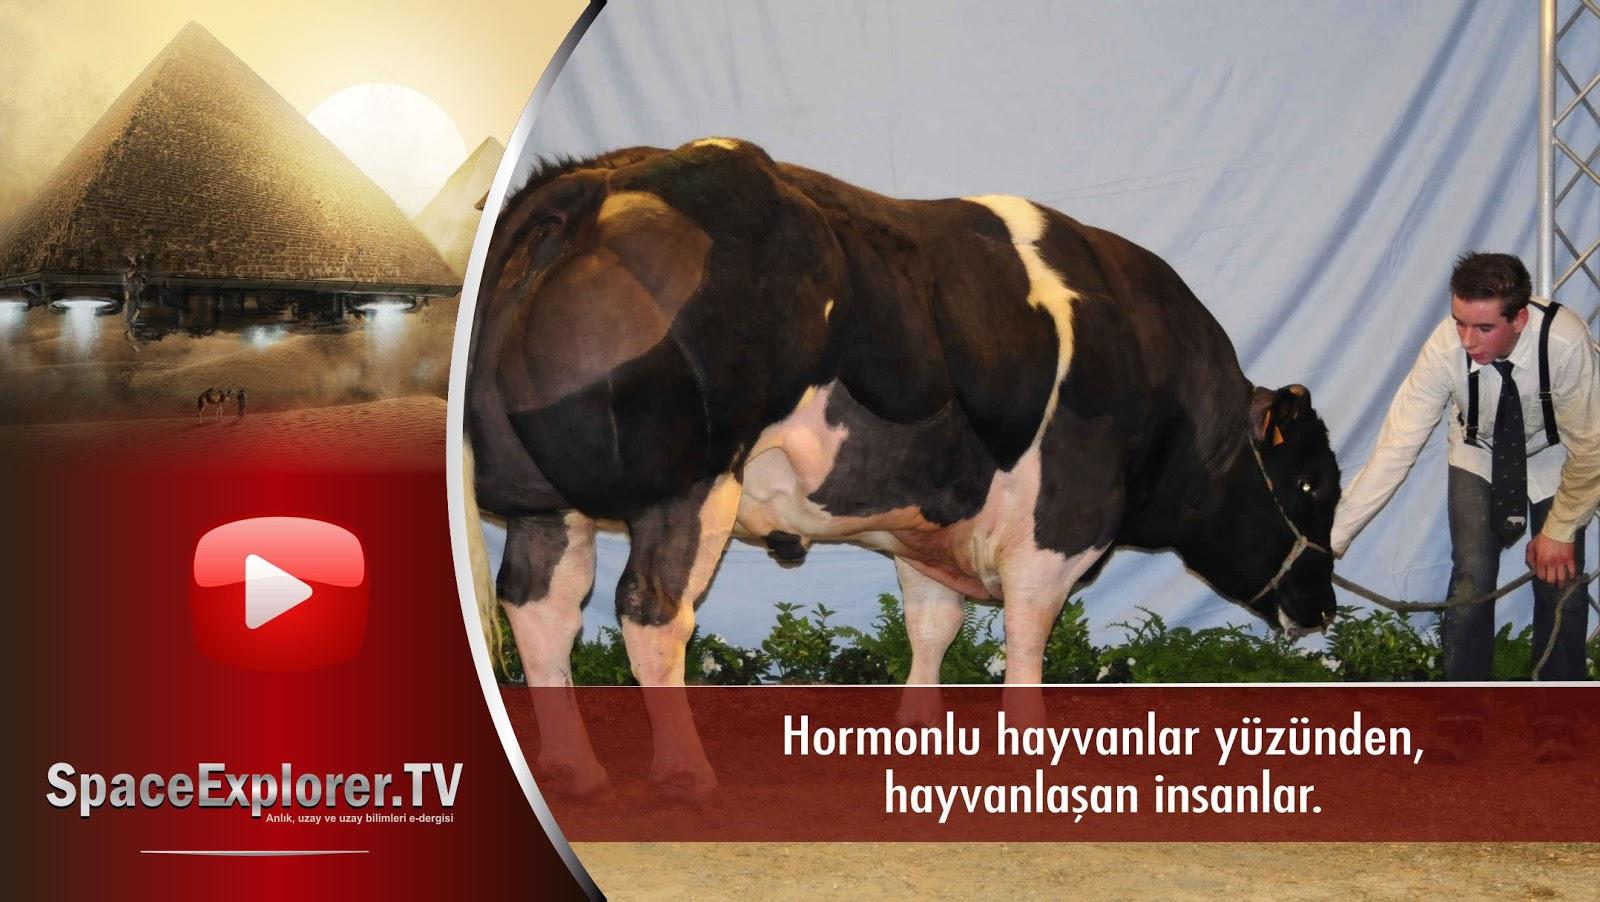 Yediği hormonlu hayvanlar yüzünden hayvanlaşan insanlar video